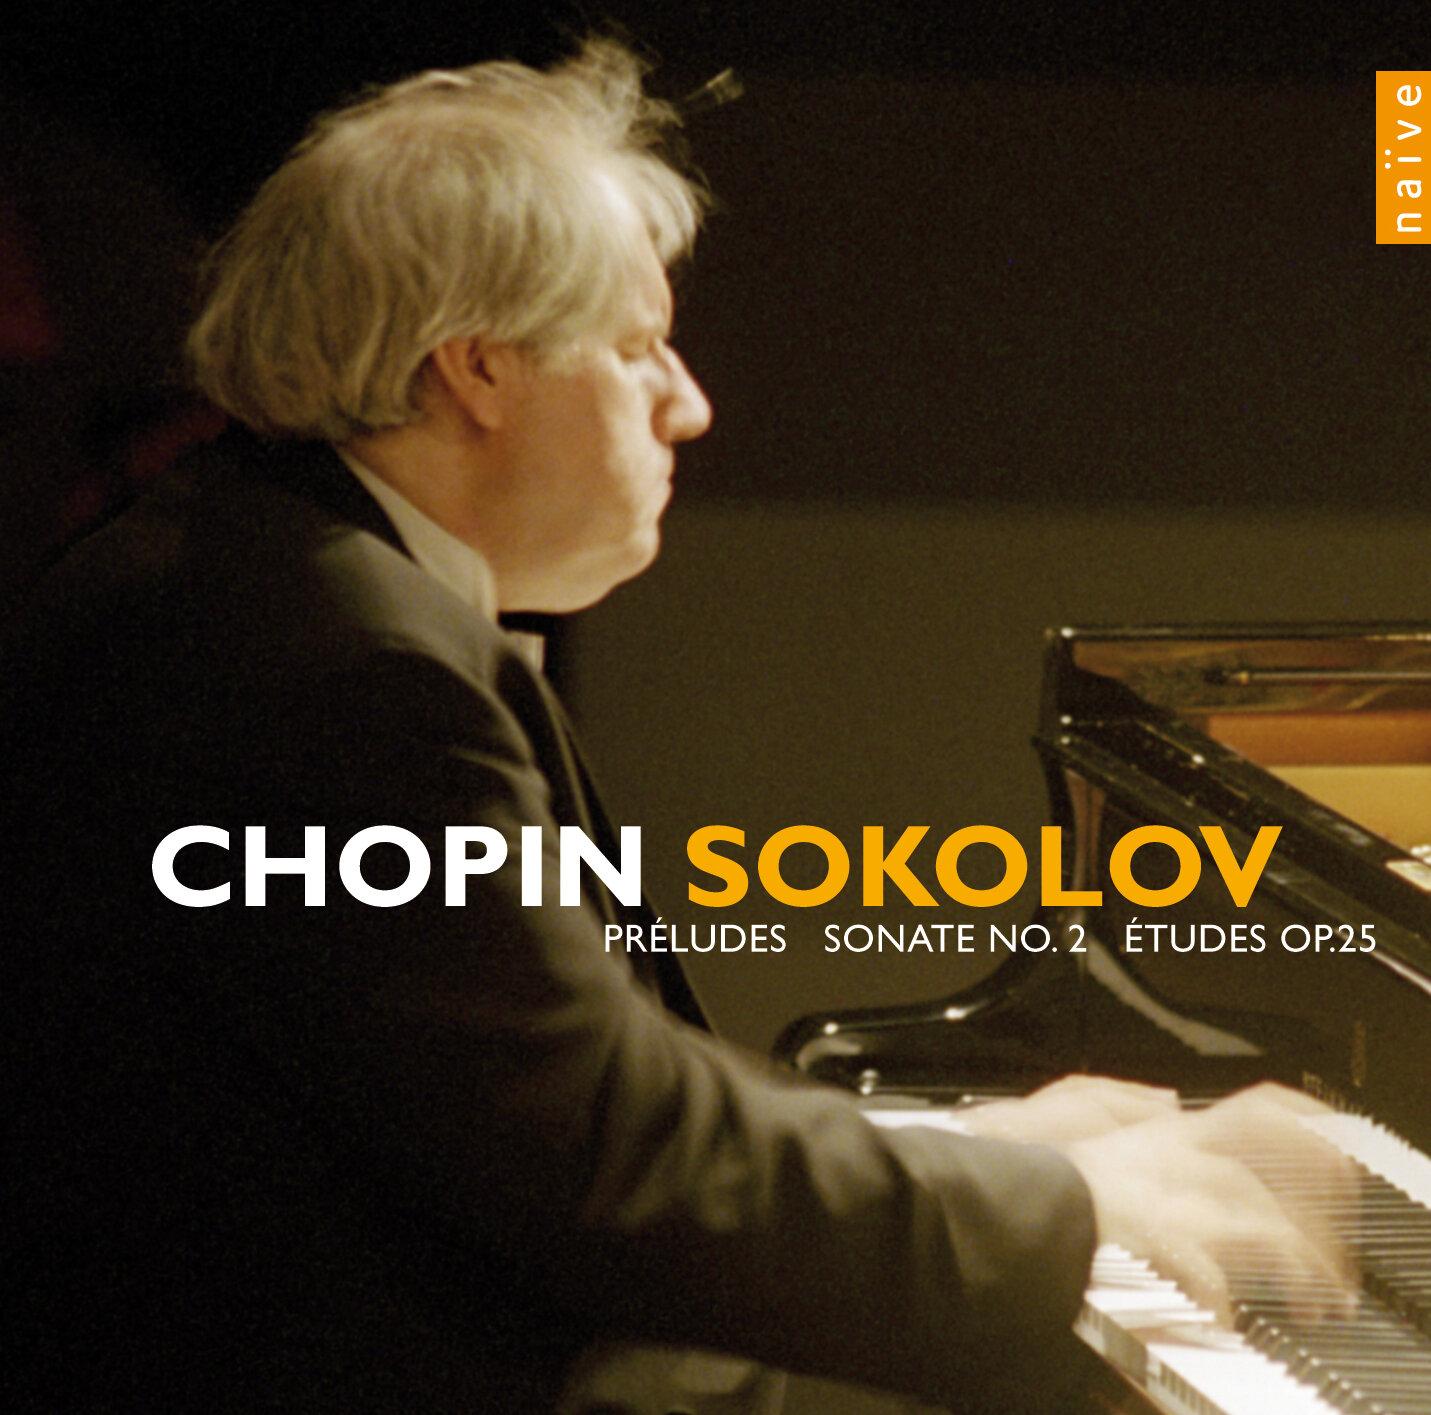 OP30456 Chopin Sokolov.jpg